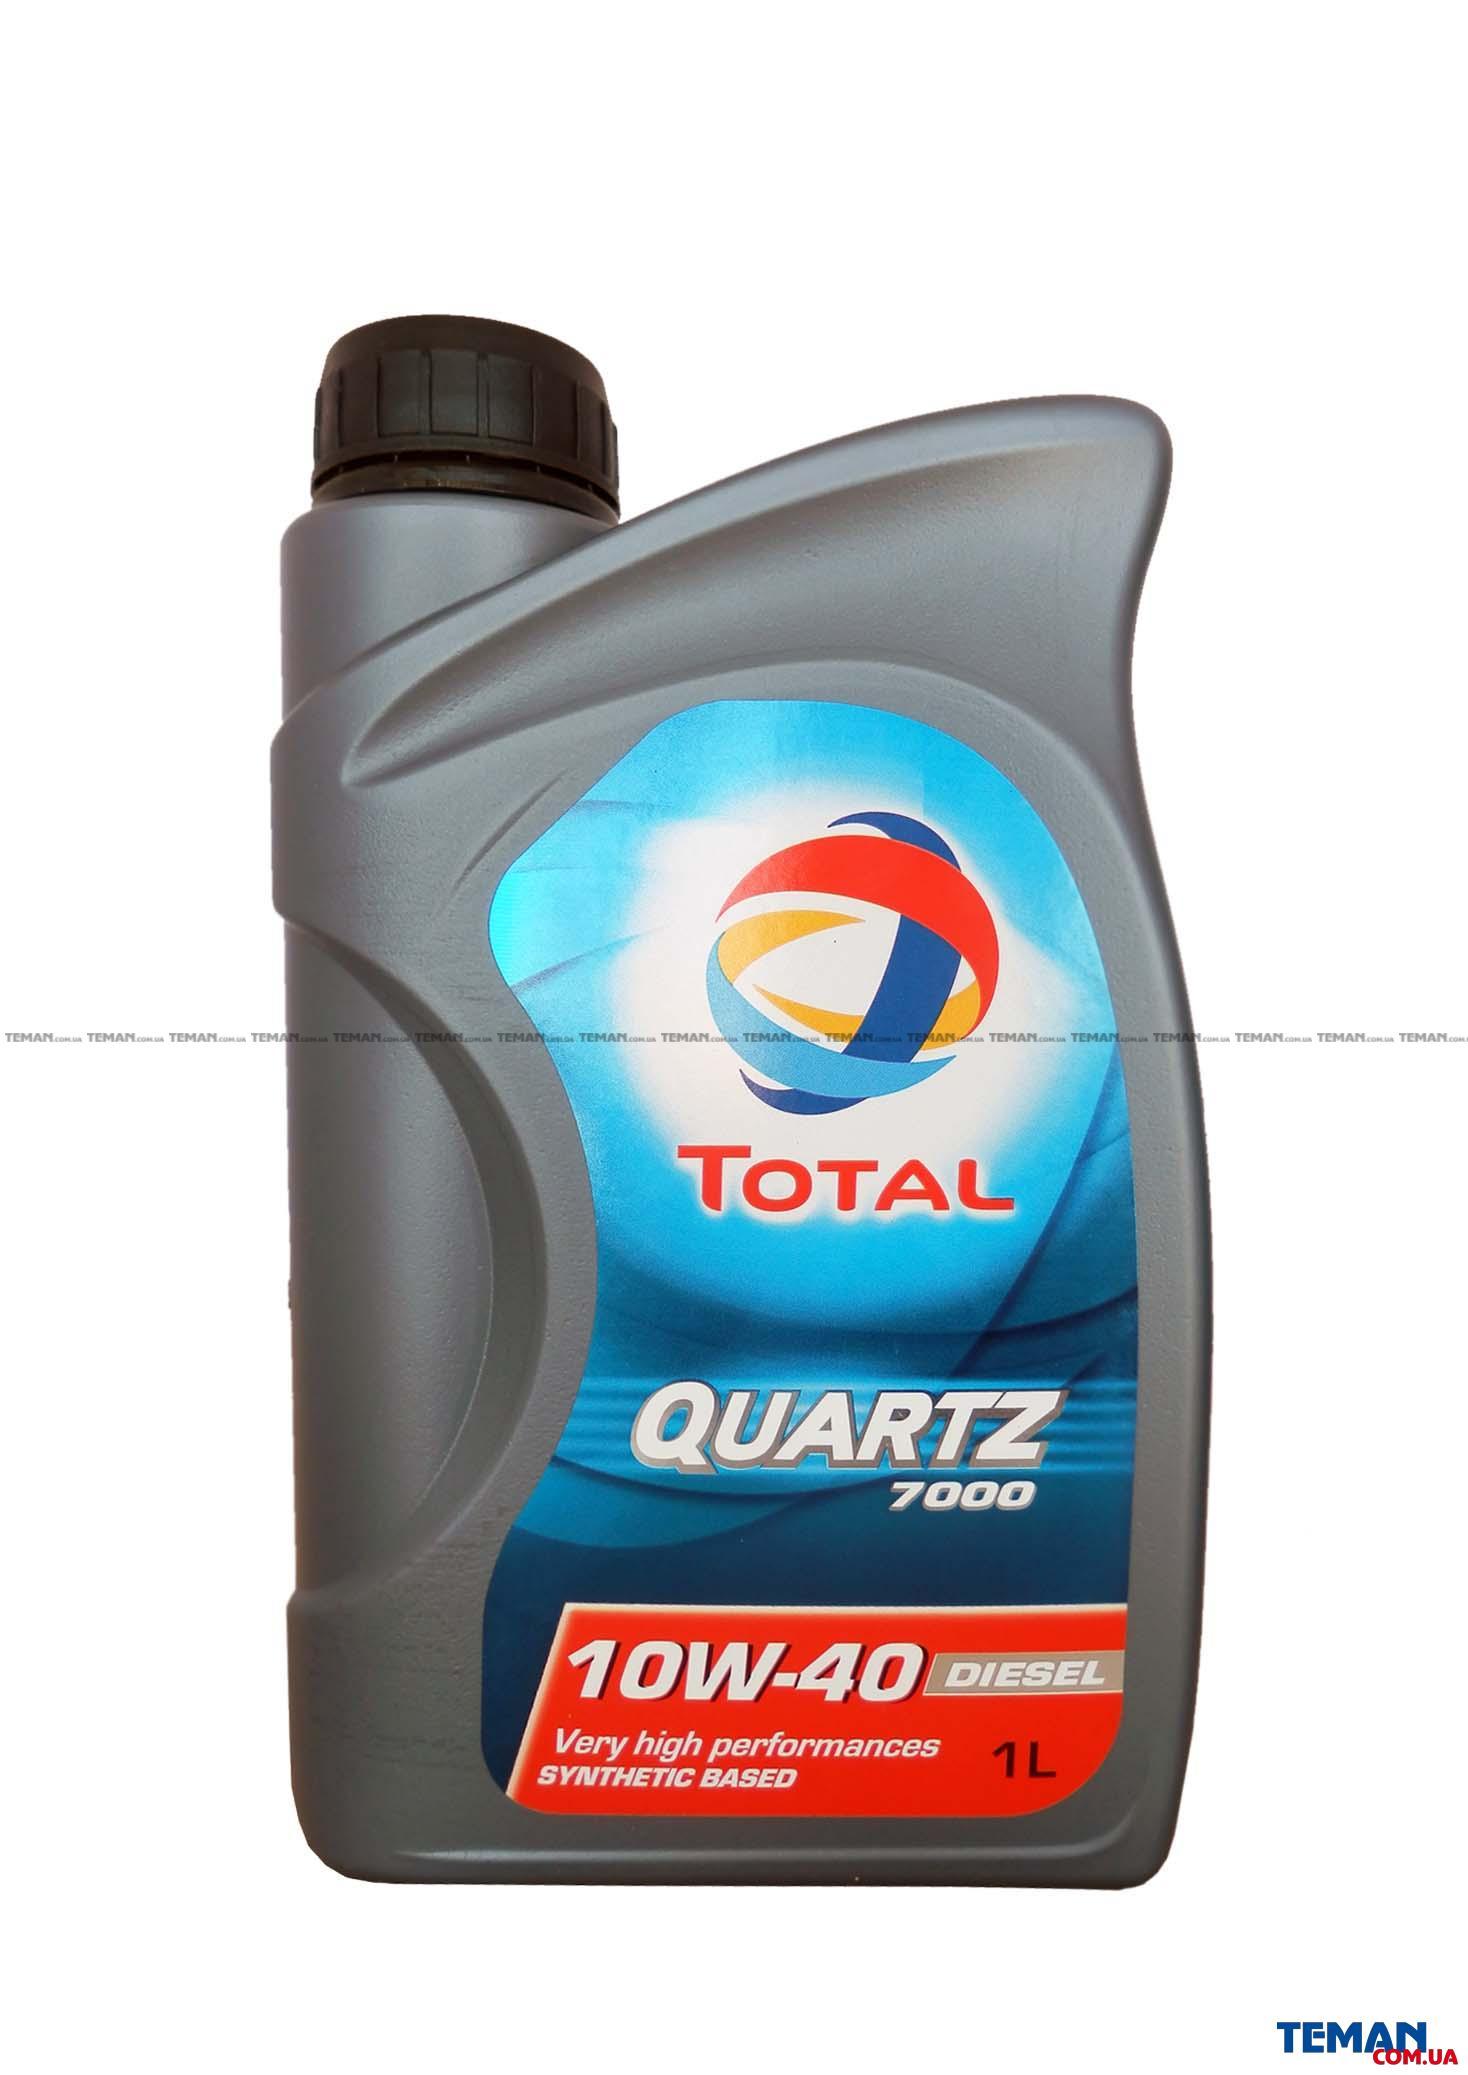 Синтетическое моторное масло TOTAL QUARTZ 7000 DIESEL 10W-40,1л